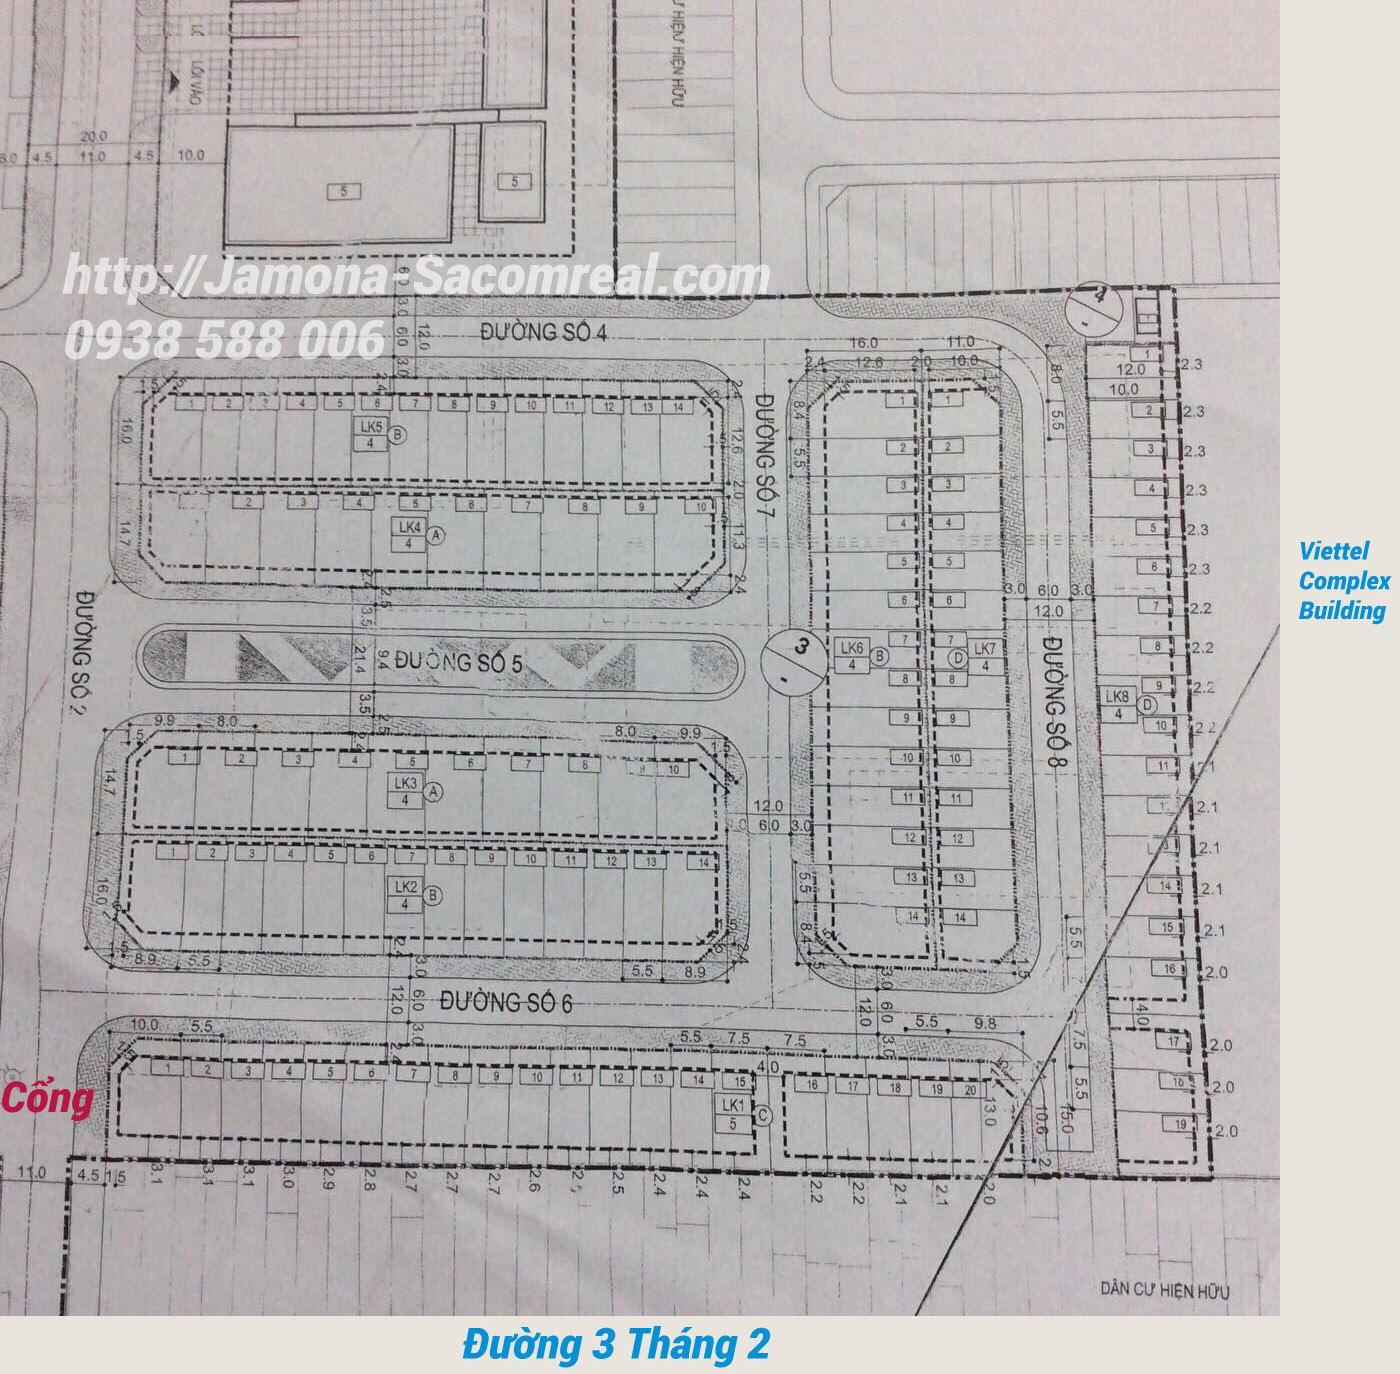 Bản đồ phân lô đất nền dự án Hà Đô 756 Sài Gòn